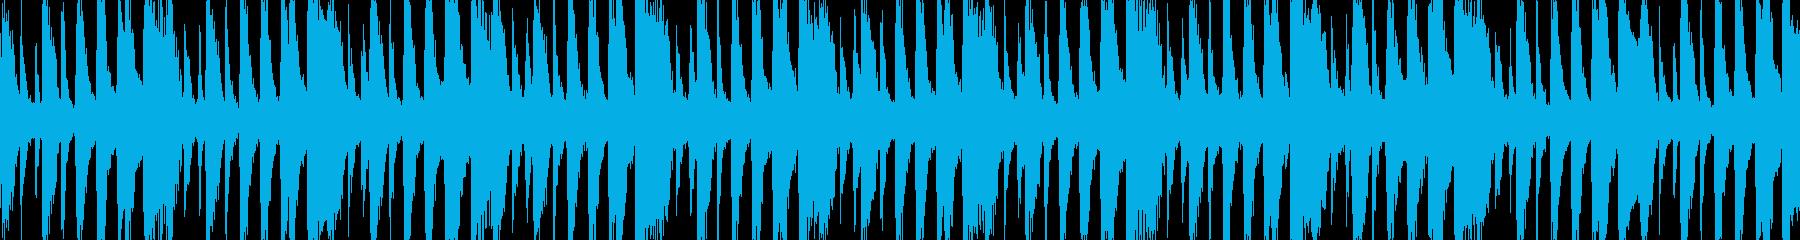 ノリがいい楽しいアコースティックループ版の再生済みの波形